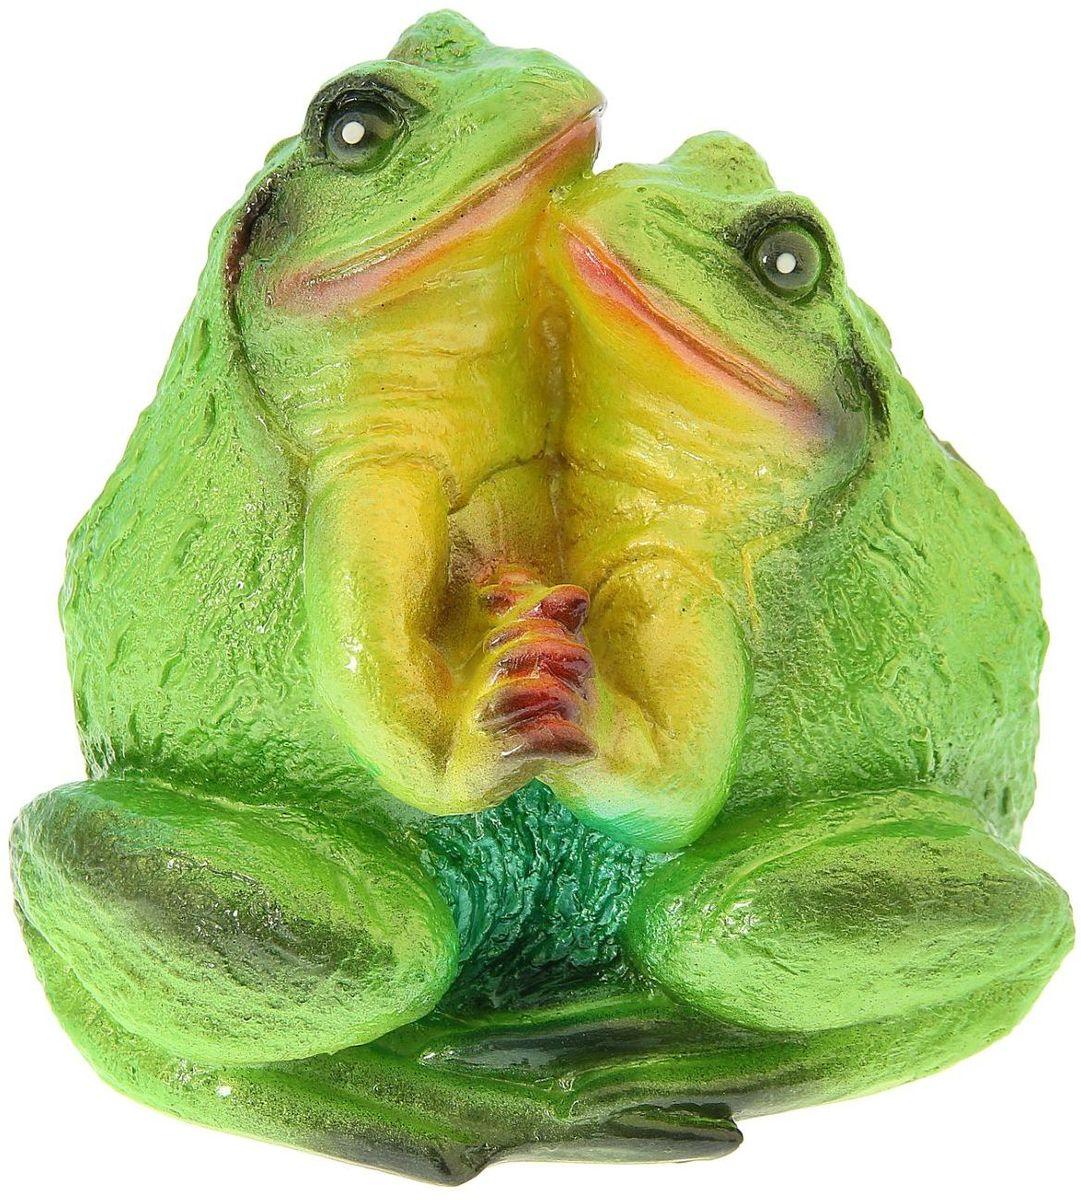 Фигура садовая Premium Gips Пара жаб, 19 х 20 х 20 см1148478Забавные лягушата добавят новые краски в ландшафт сада. Красочная садовая фигура расставит нужные акценты: приманит взор к водоёму или привлечёт внимание к цветочной клумбе.Гармоничнее всего лягушки сморятся в местах своего природного обитания: располагайте их рядом с водой или в траве.Фигура из гипса экологичная, лёгкая и долговечная. Она сделает любимый сад неповторимым.